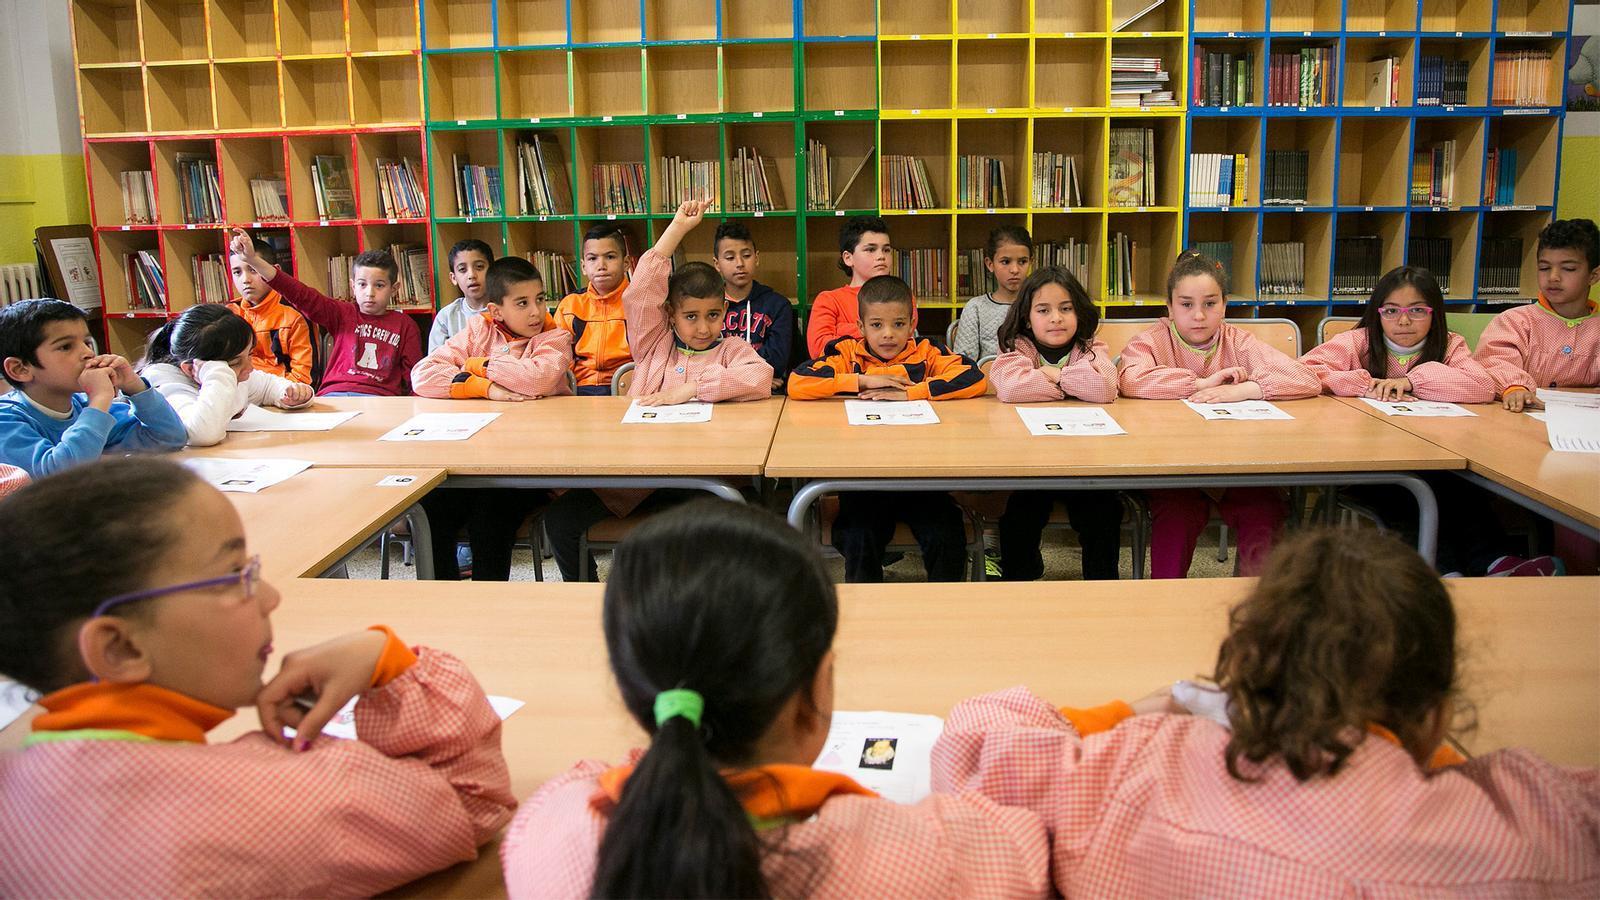 L'anàlisi d'Antoni Bassas: Respiradors per a les escoles